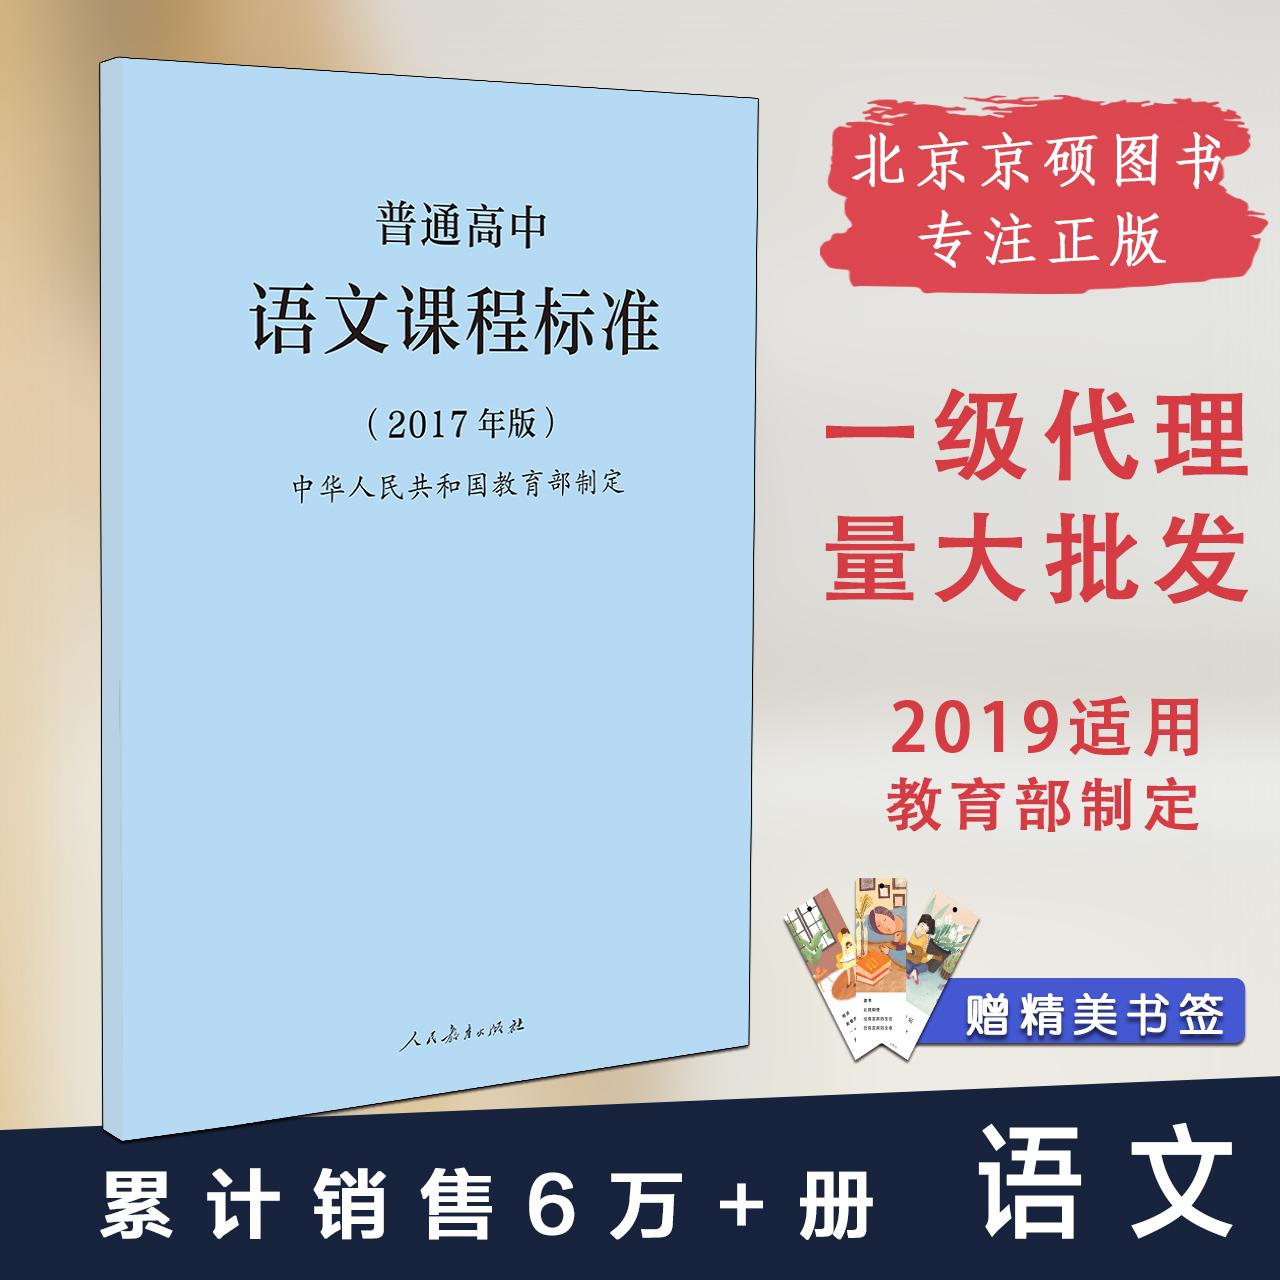 2019 普通高中语文课程标准 2017年版 中华人民共和国教育部制定 人民教育出版社 可批发